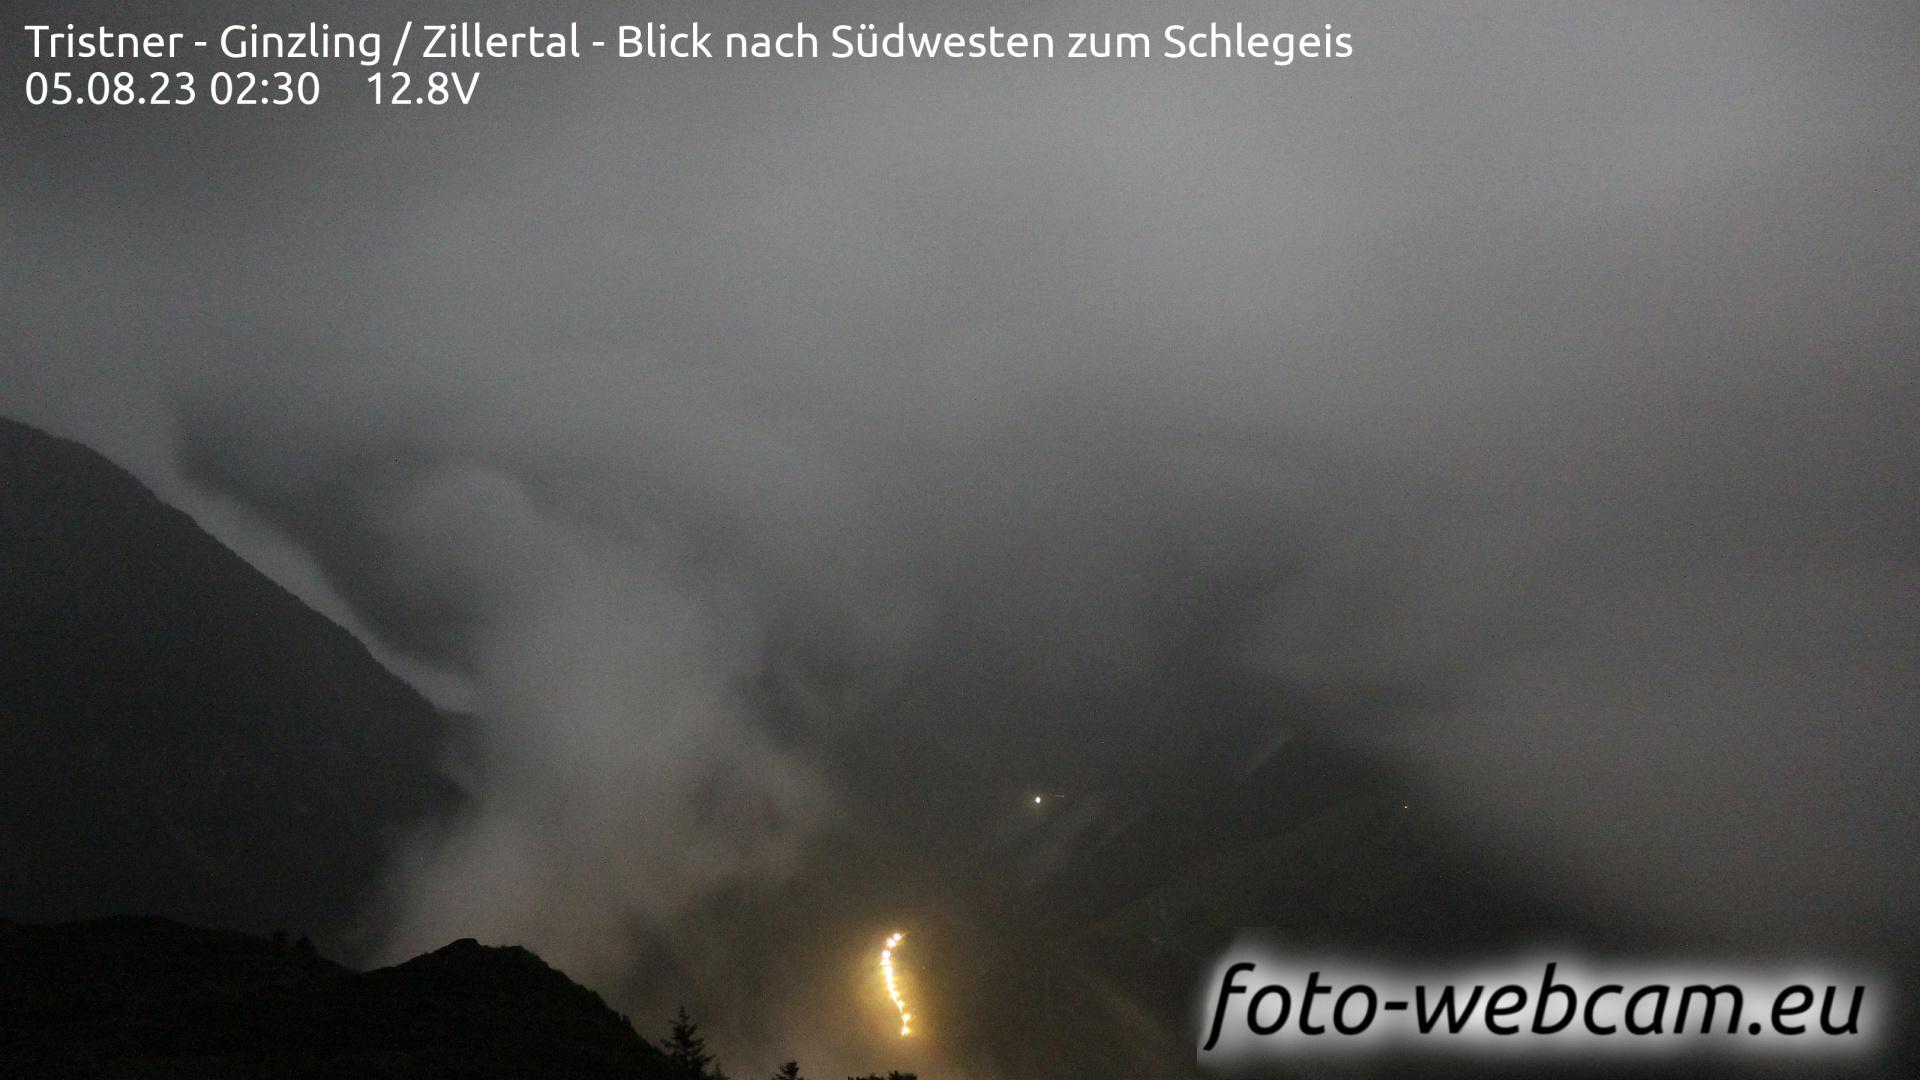 Schwendau Sun. 02:30